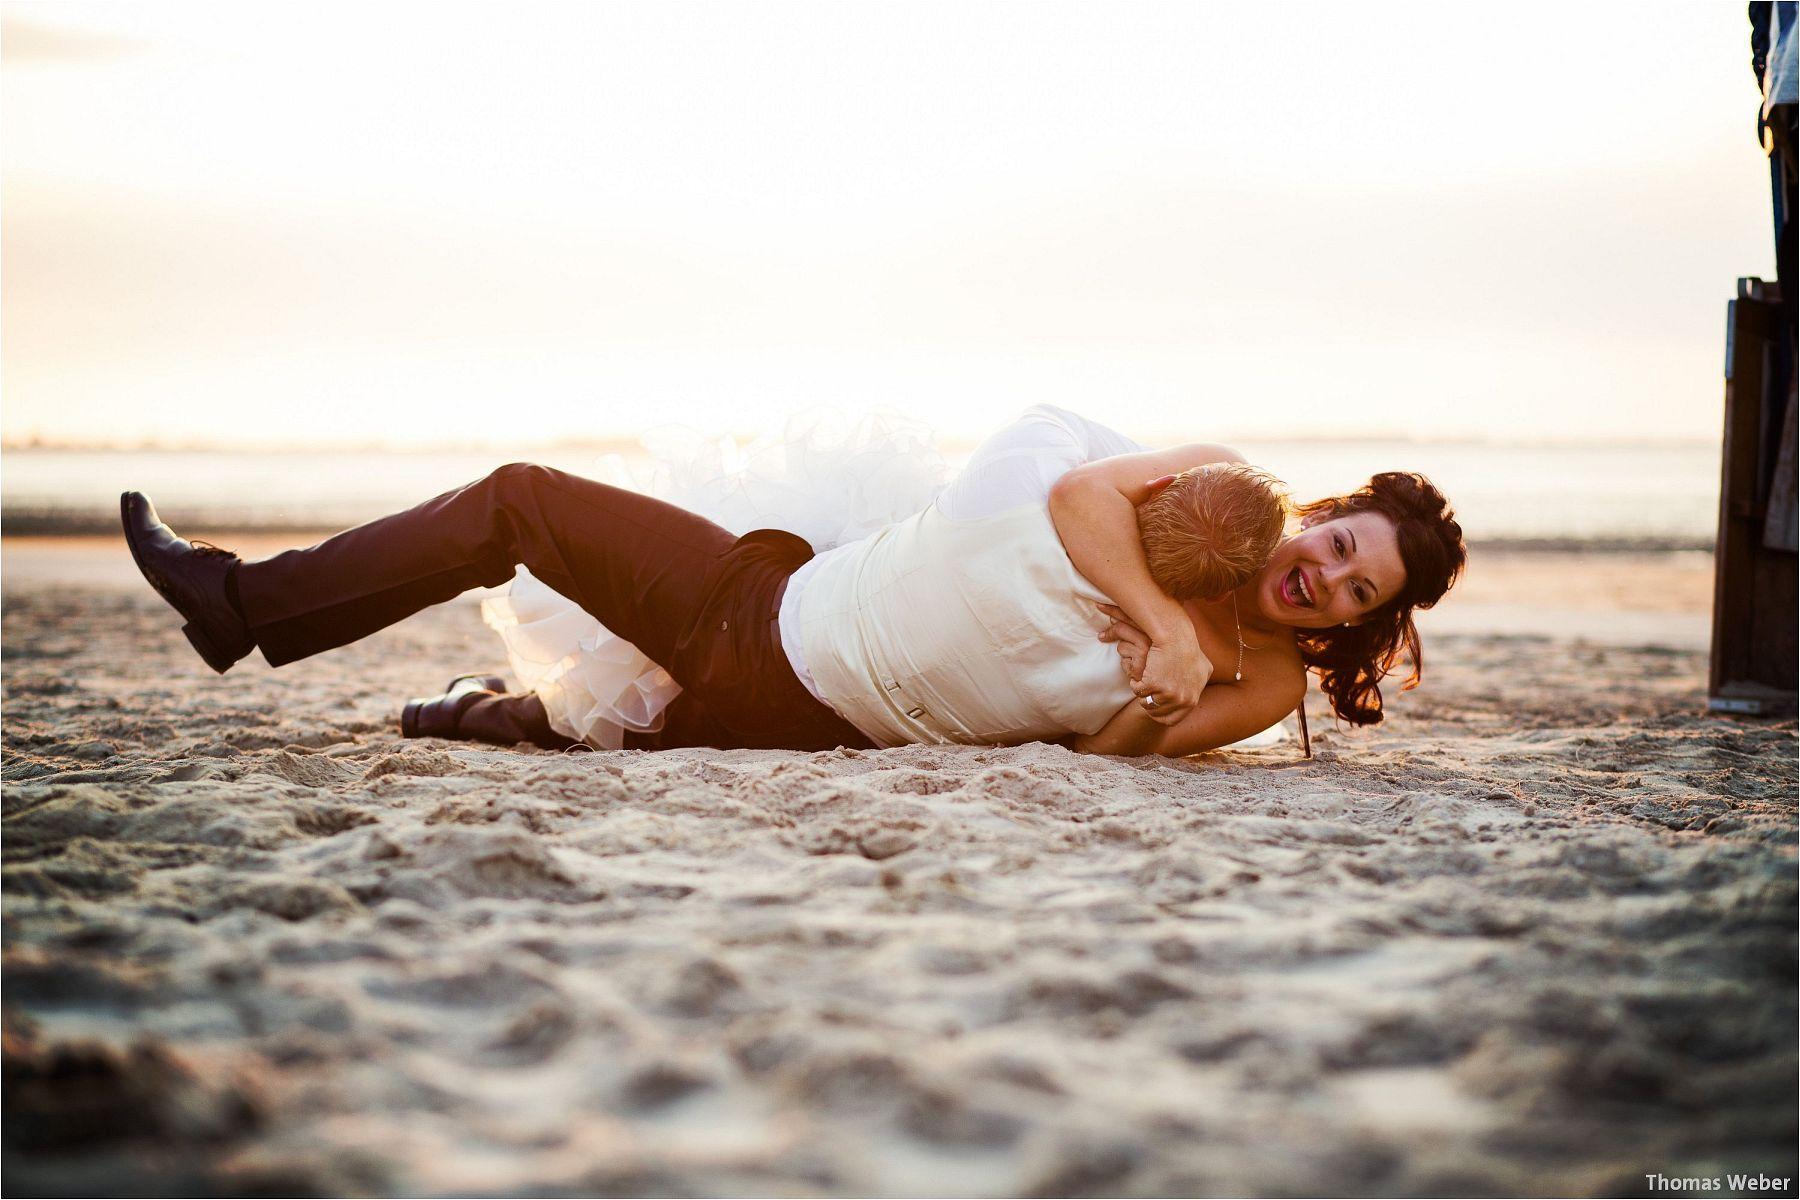 Hochzeitsfotograf Oldenburg: Hochzeitsportraits bei einem After Wedding Shooting am Nordsee-Strand von Dangast/Varel bei Sonnenuntergang (15)